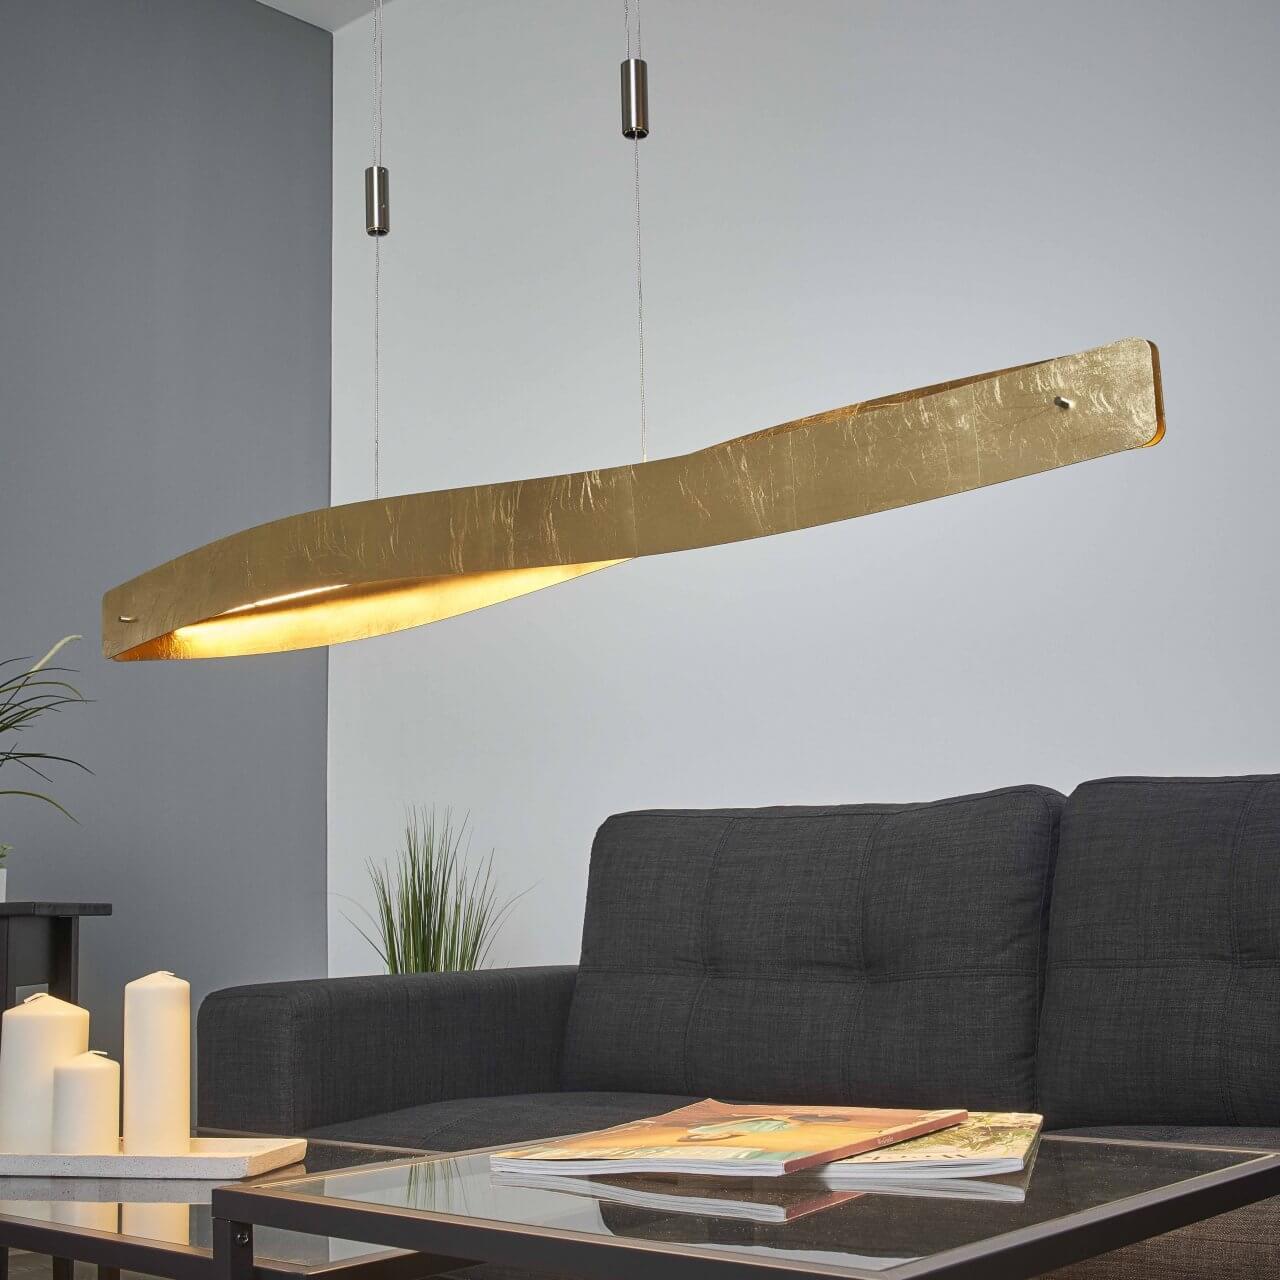 grote plafondlamp met goudbeslag